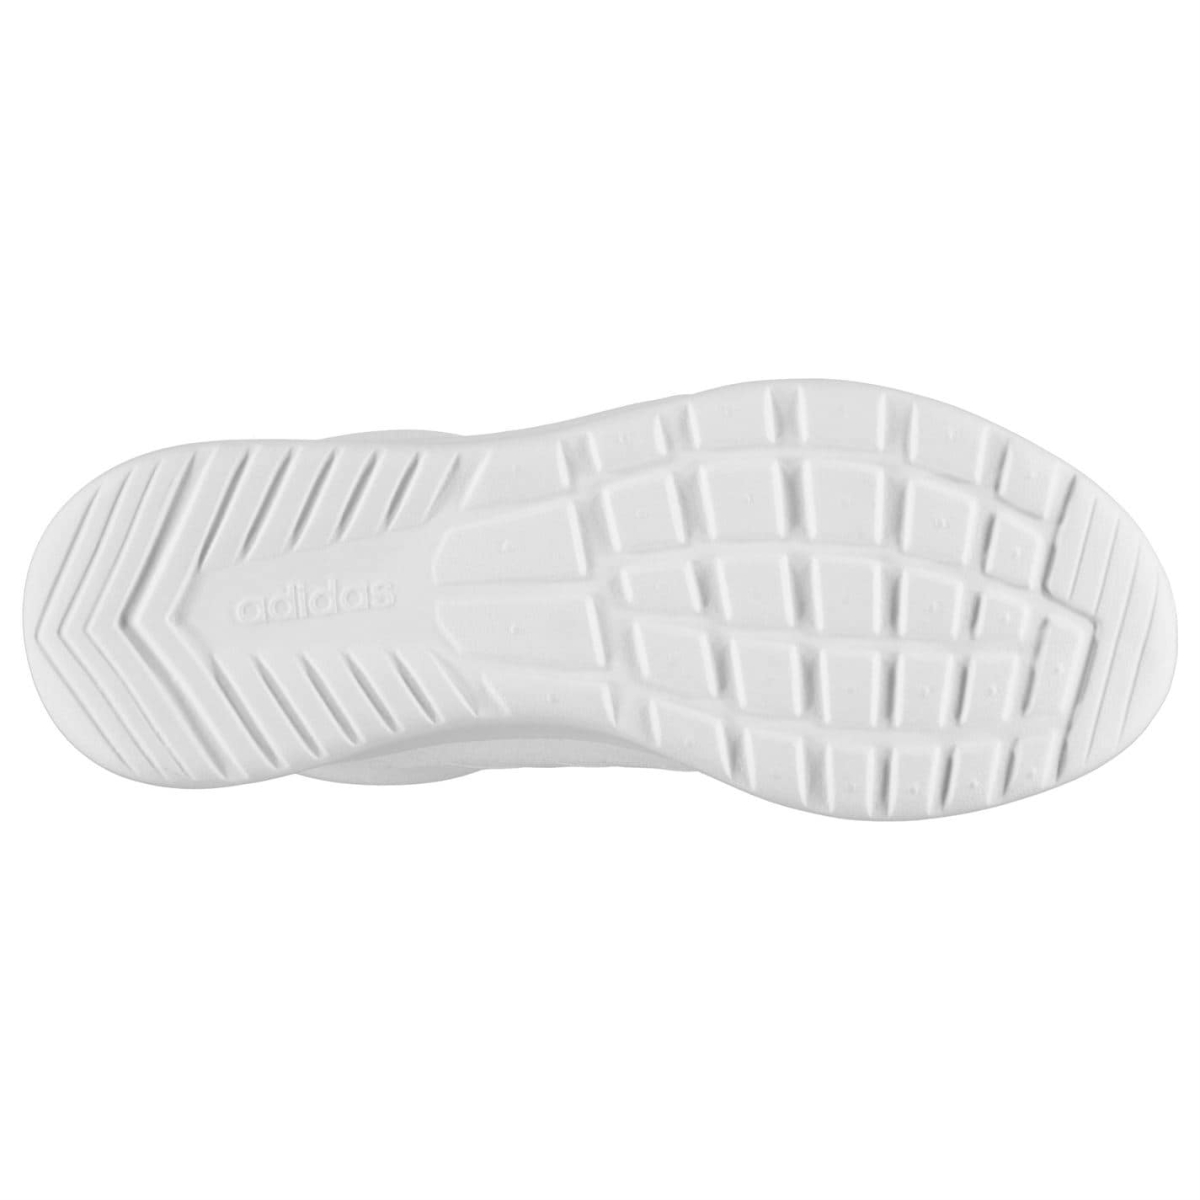 adidas-Cloudfoam-Qt-Racer-Turnschuhe-Damen-F34701-Sneaker-Laufschuhe-1512 Indexbild 12